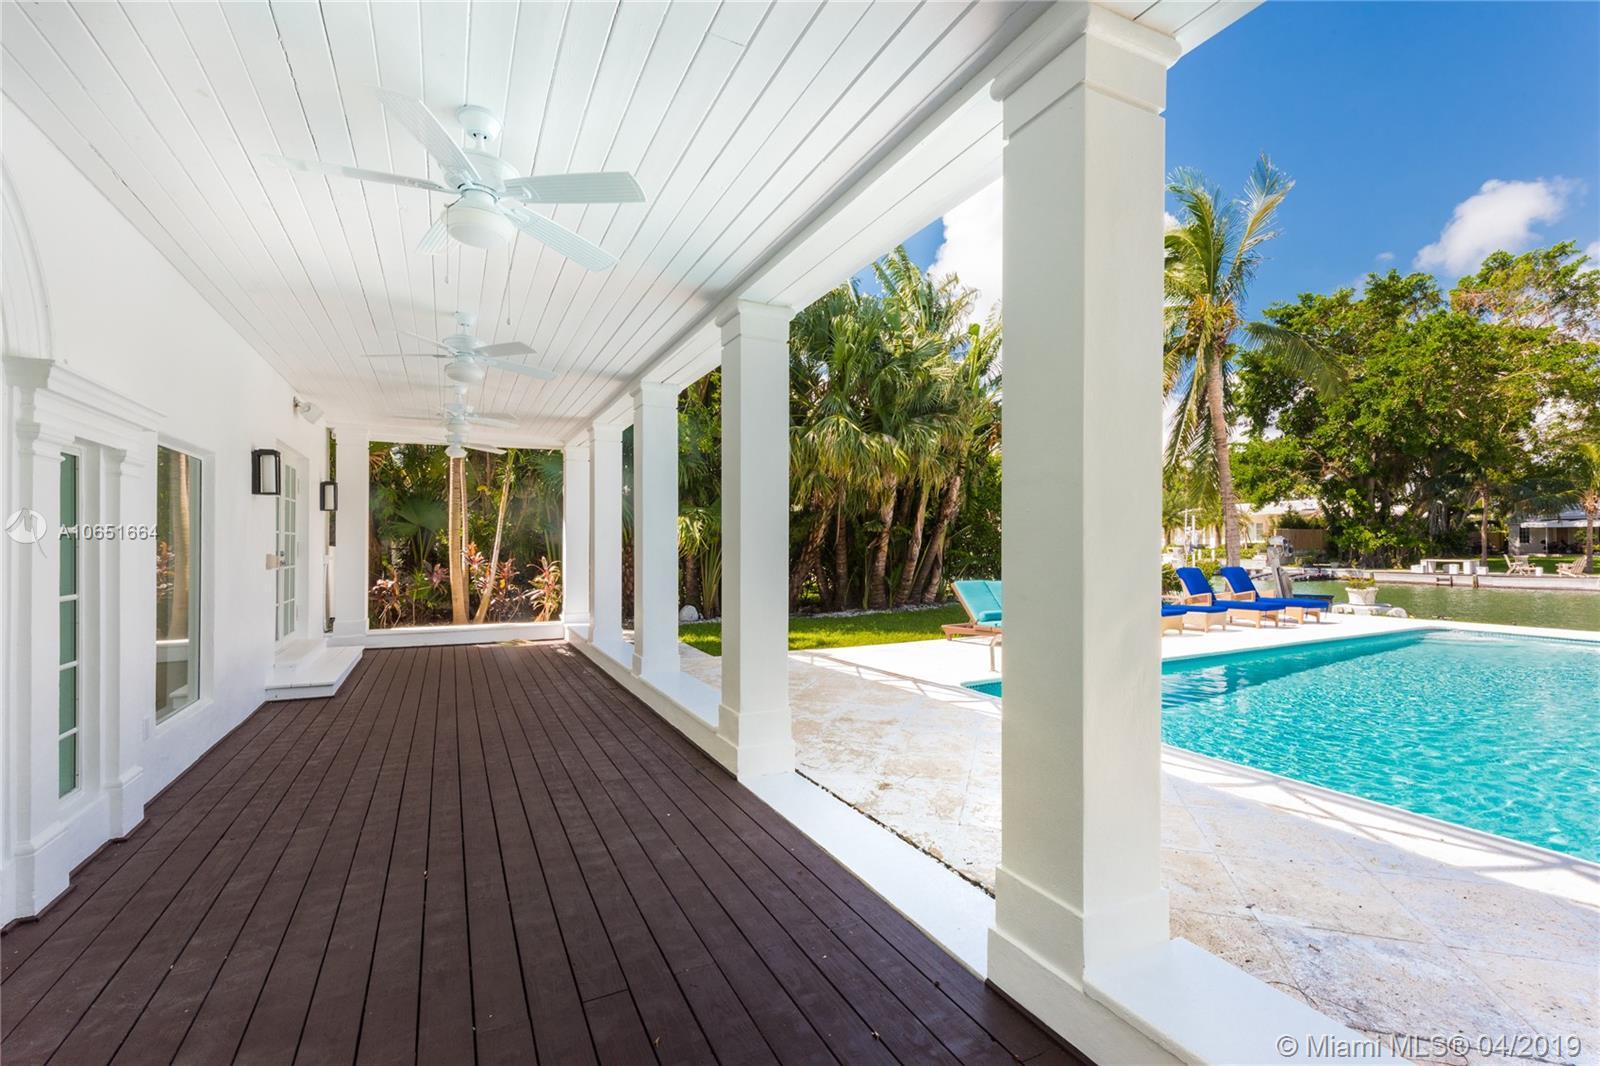 1431 22 st- miami-beach-fl-33140-a10651664-Pic13